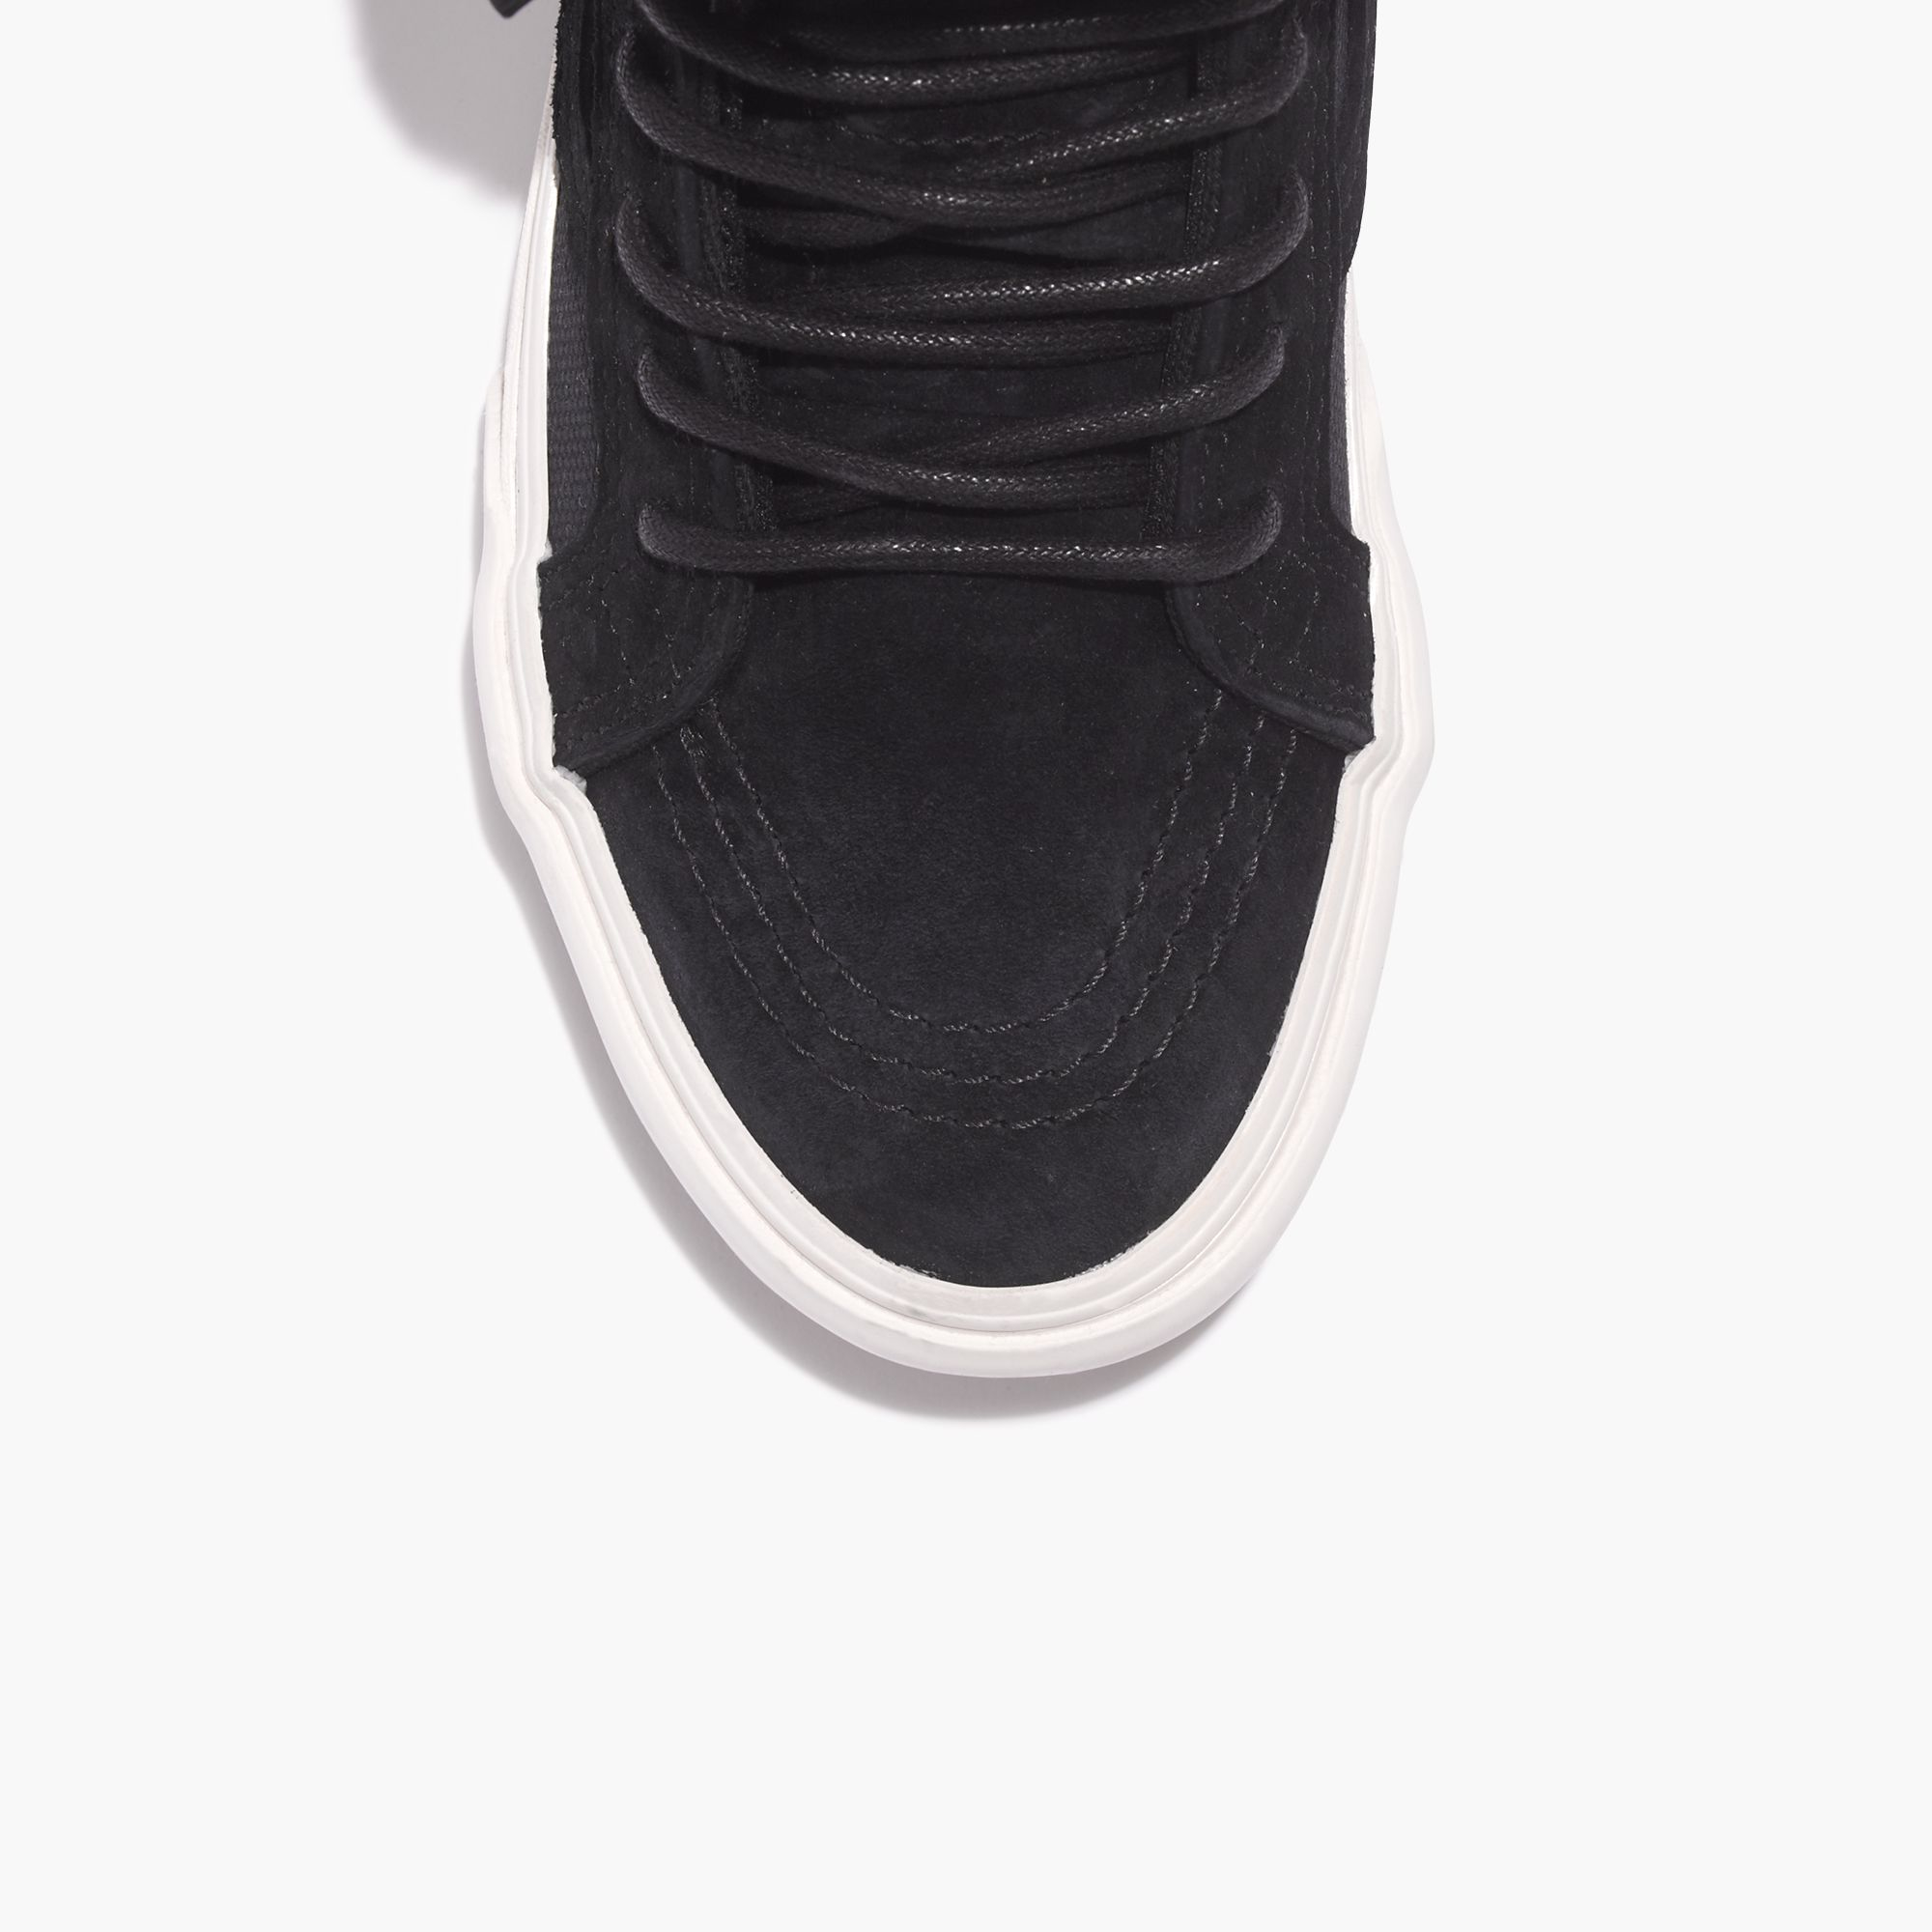 Lyst - Madewell Vans® Sk8-hi Slim Zip High-top Sneakers In Fleece in ... 52b038f51